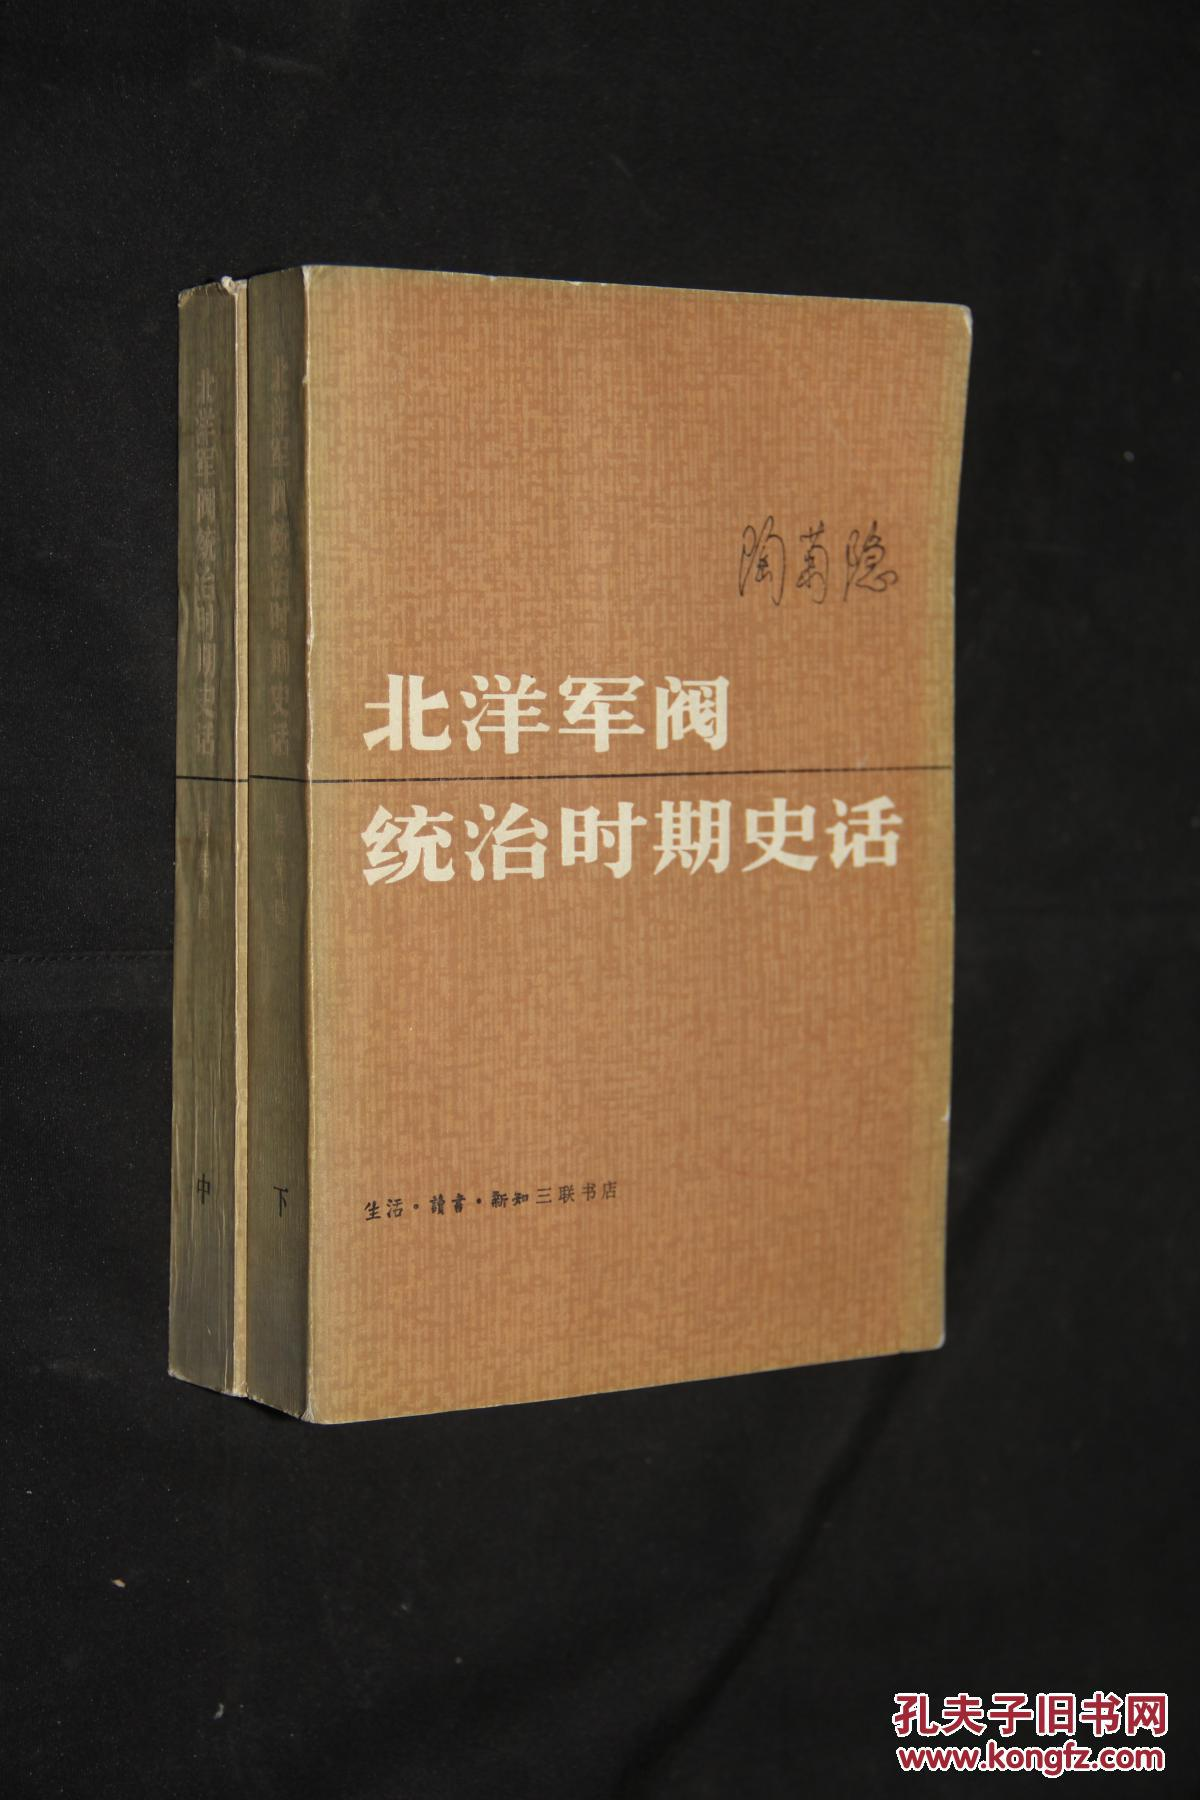 【图】北洋军阀统治时期史话 中 下 两册合售_